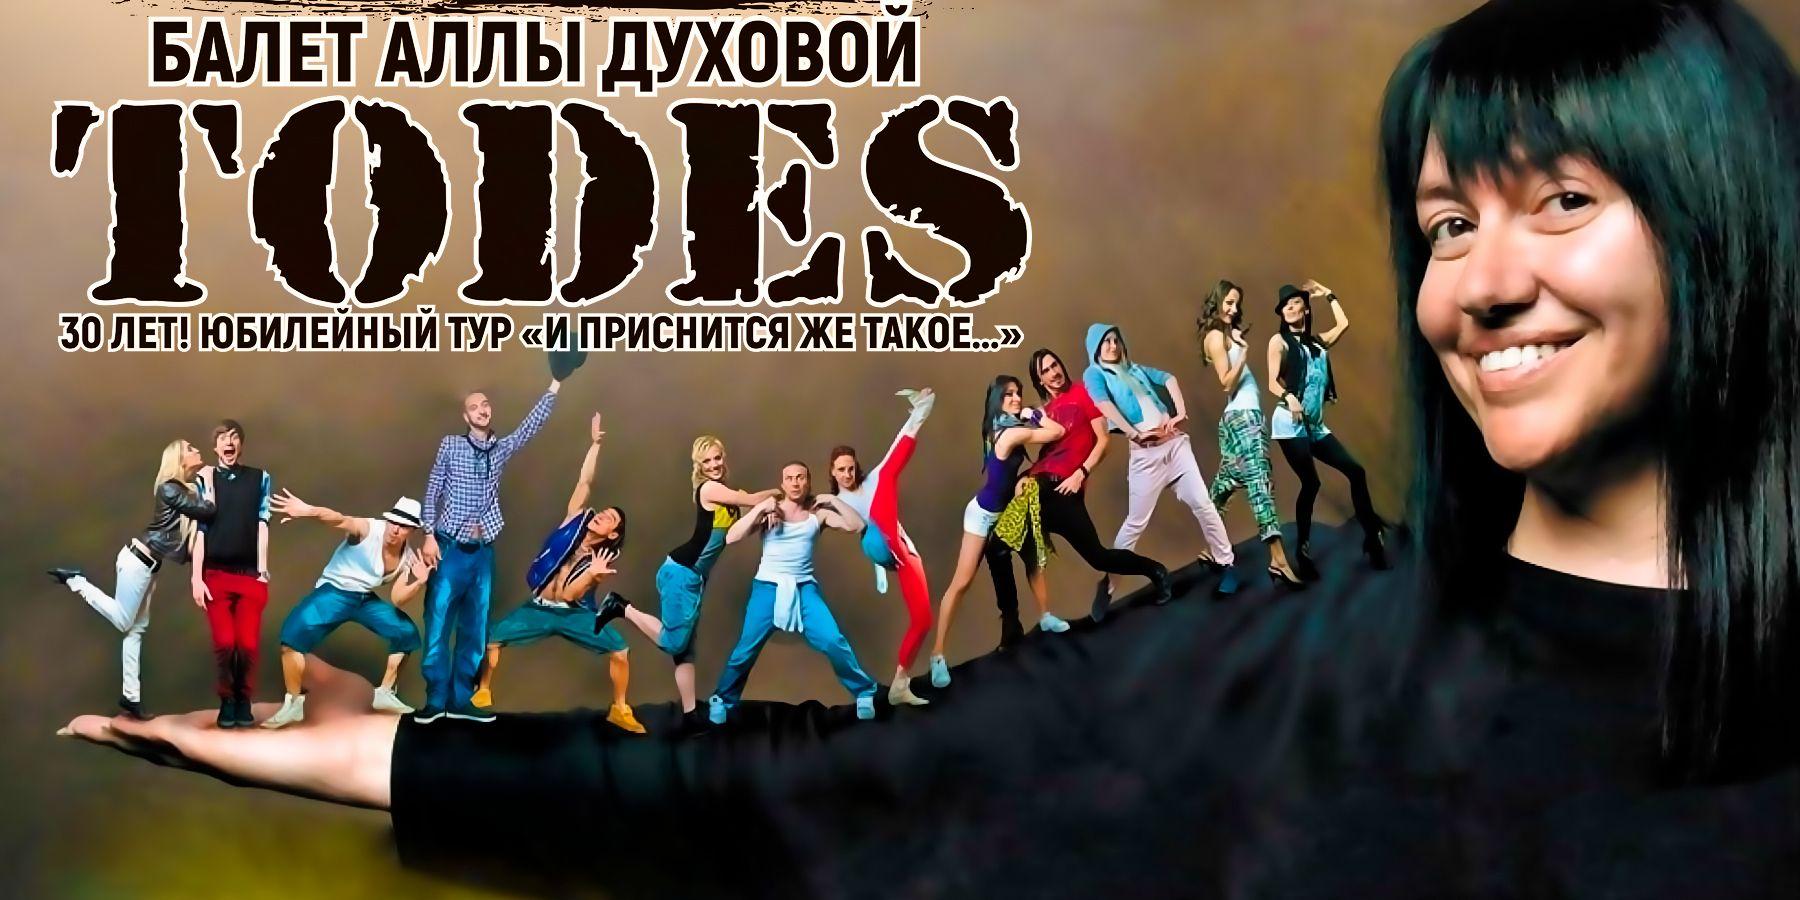 театр аллы духовой Todes официальный сайт купить